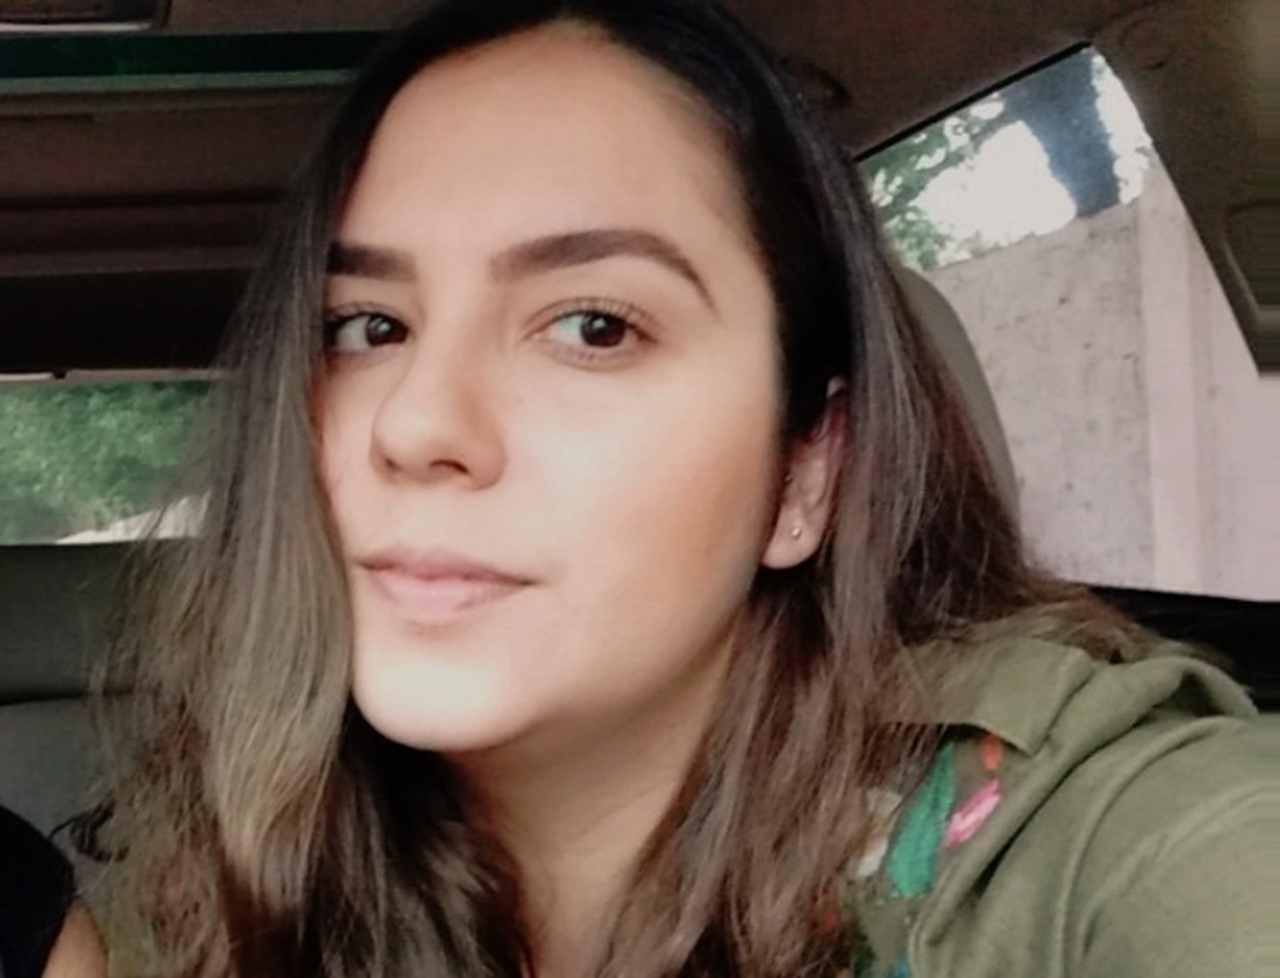 Professora de redação Tarsila Baylão usou suas redes sociais paracompartilhar um método para o Enem que acabou viralizando na internet | Foto: Arquivo Pessoal